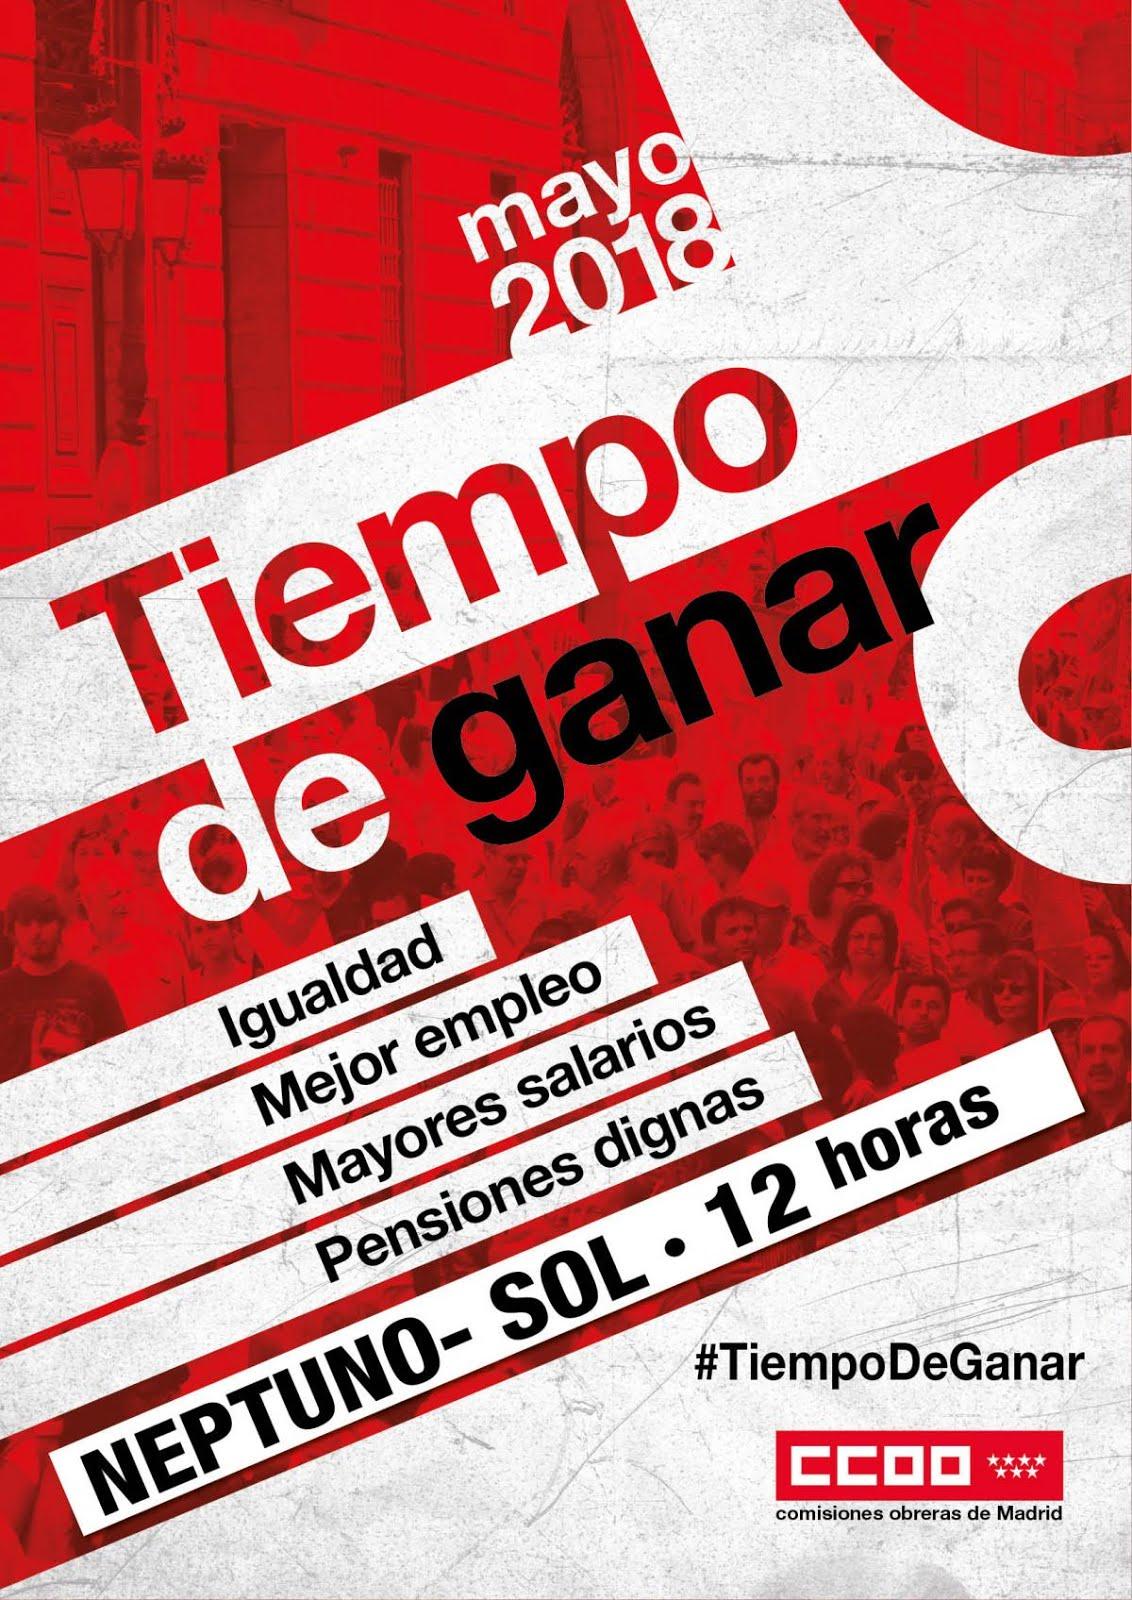 1 Mayo Empleo Igualdad Derechos Sociales